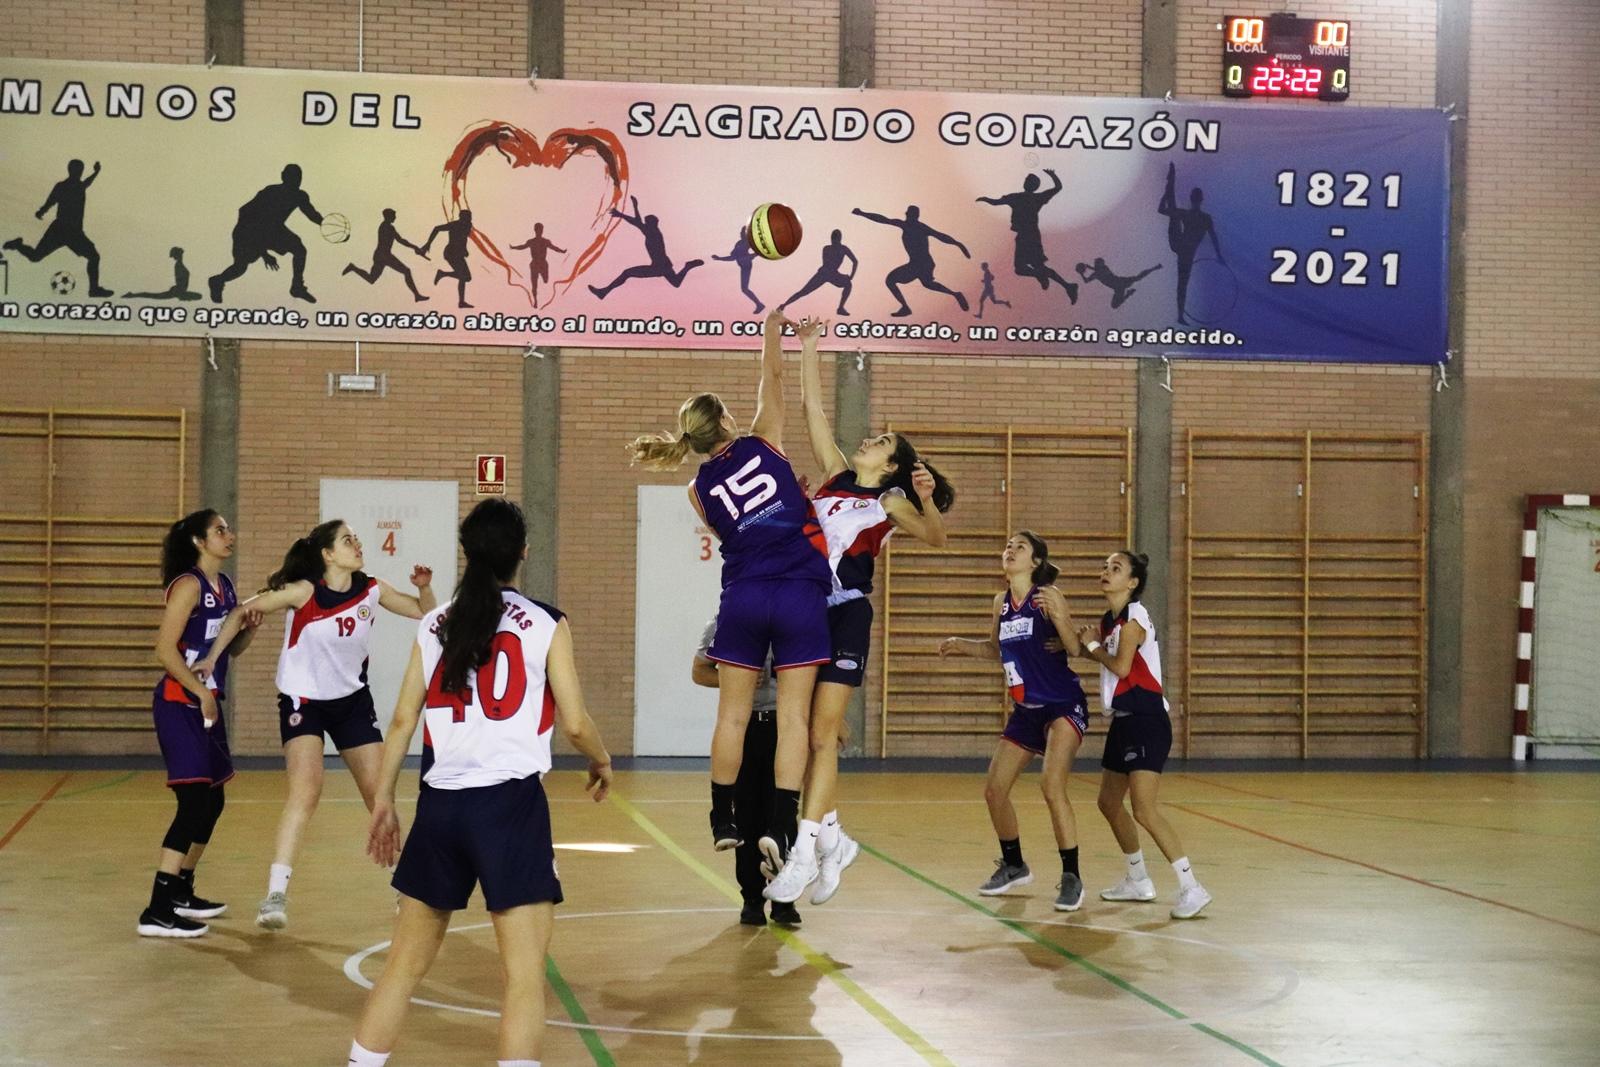 Otra temporada mas, nuestro primer equipo femenino competirá en Primera Nacional Femenina